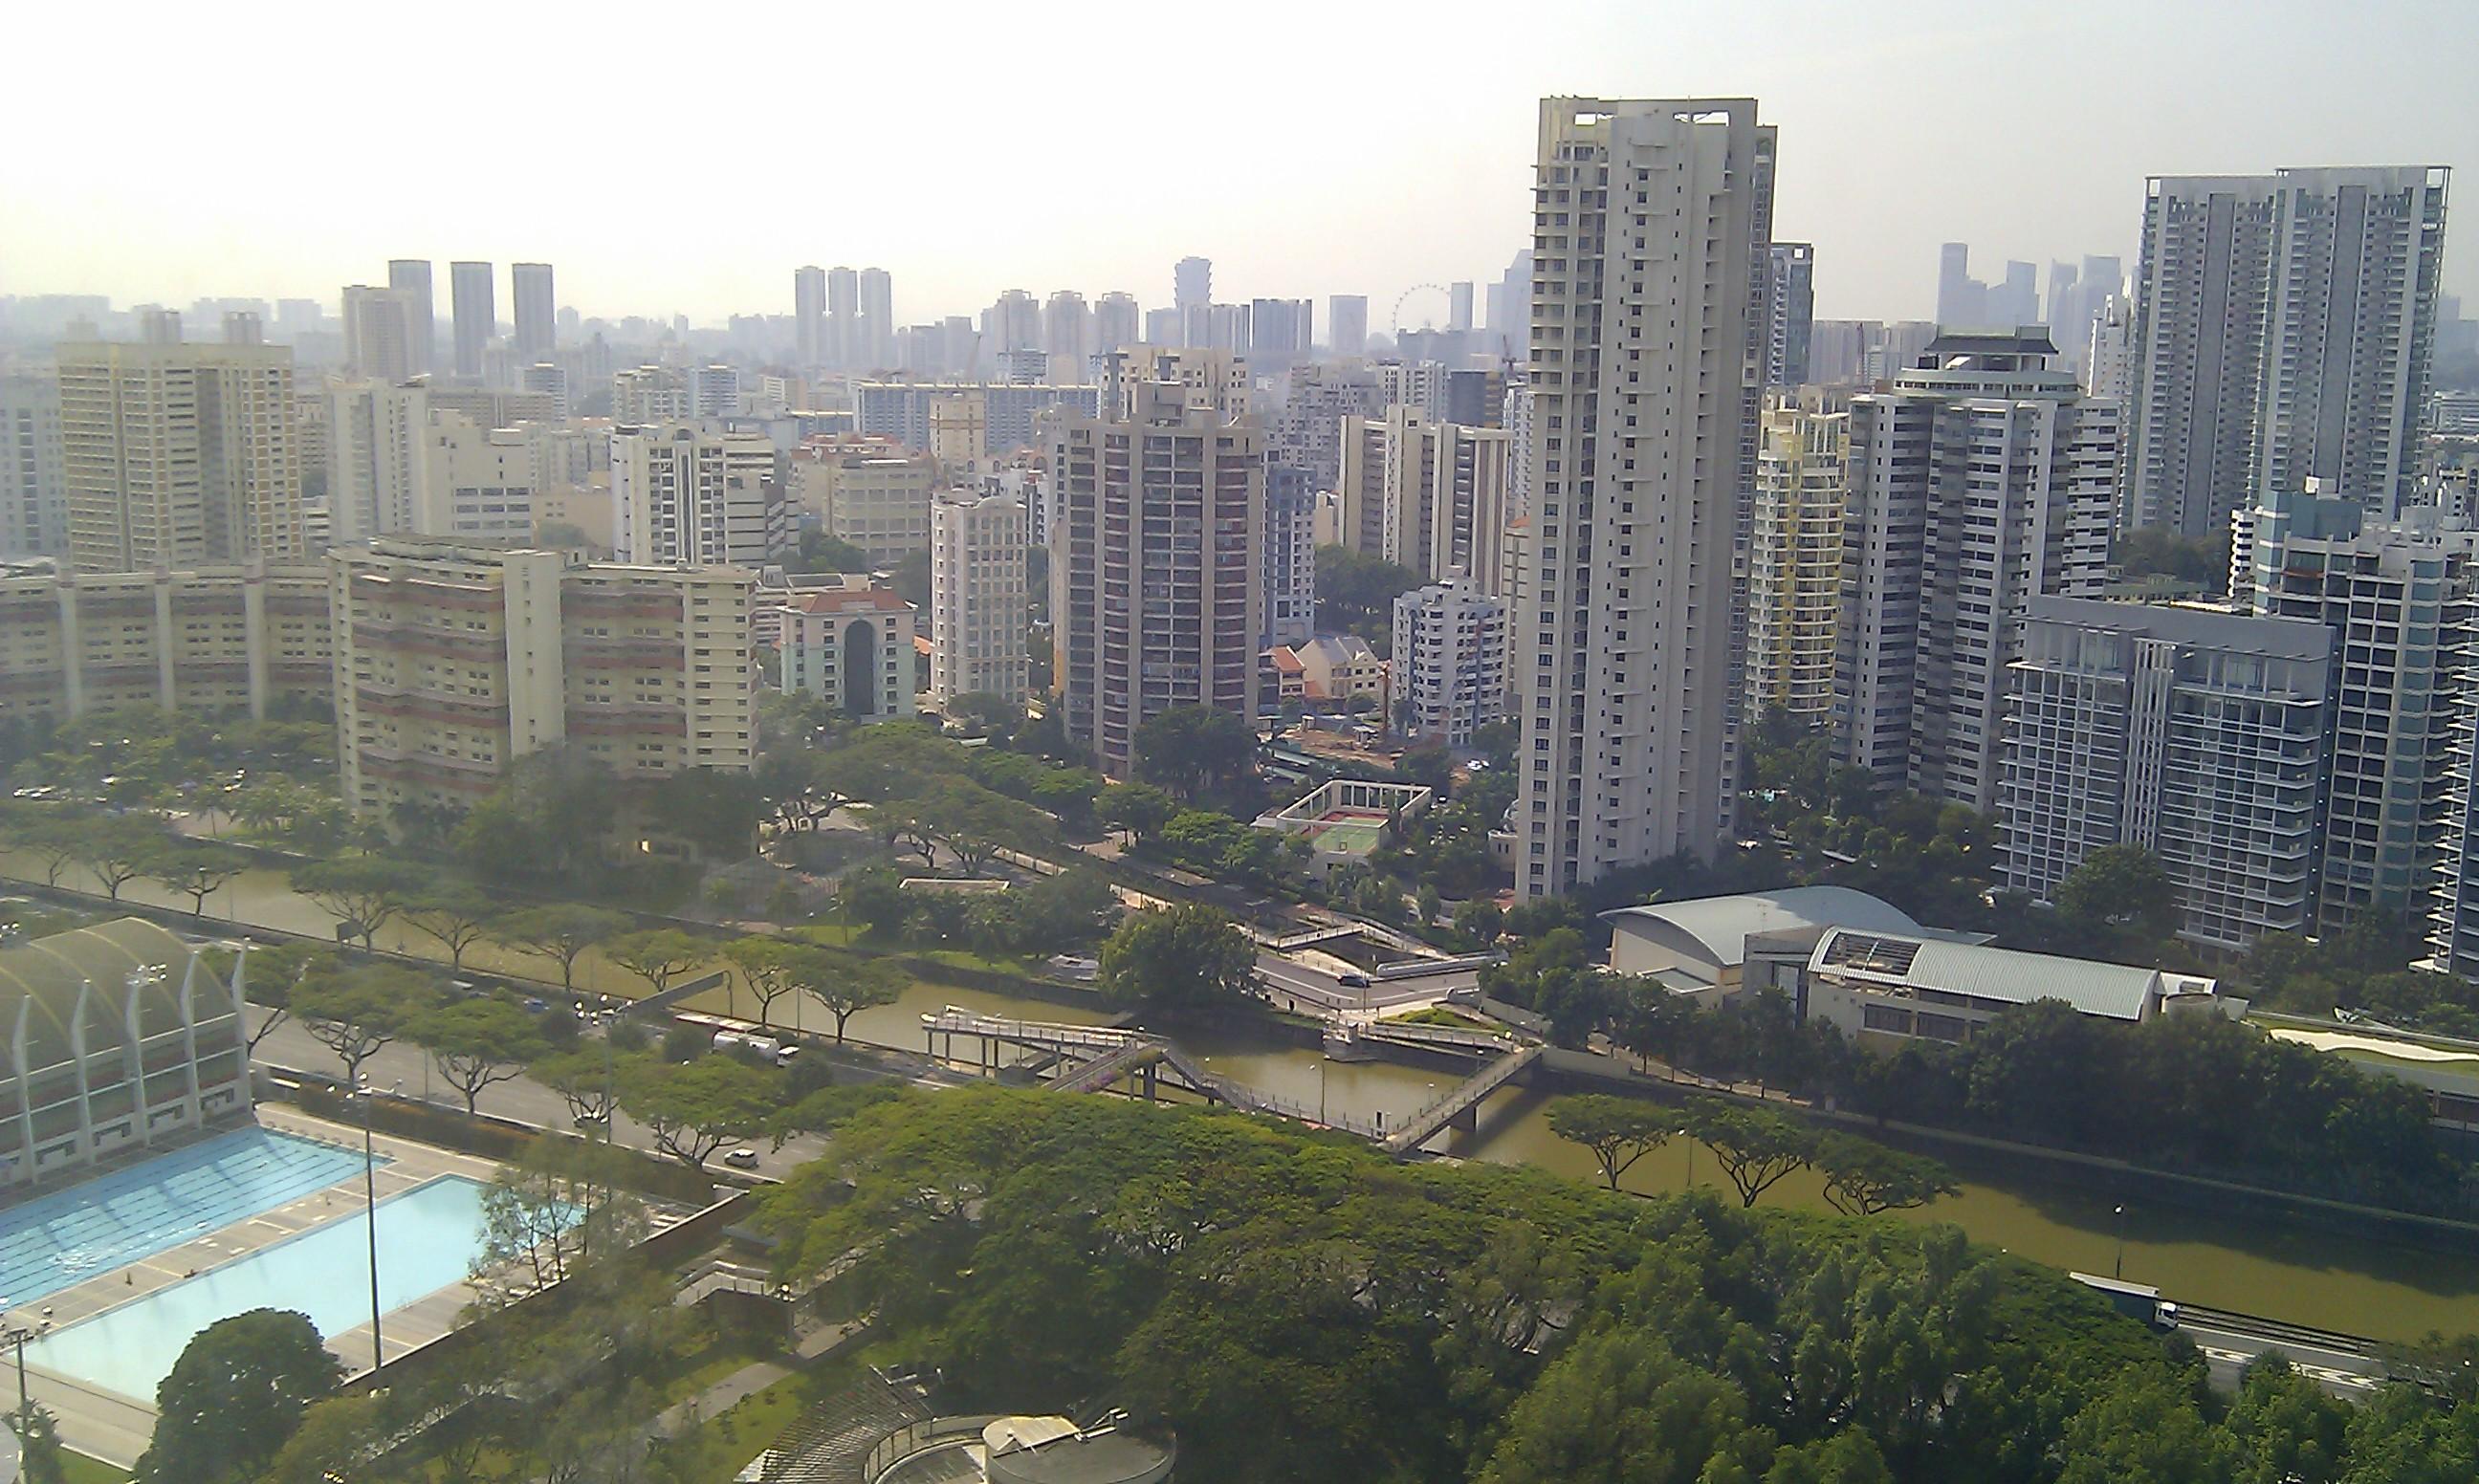 Photo courtesy: comesingapore.com